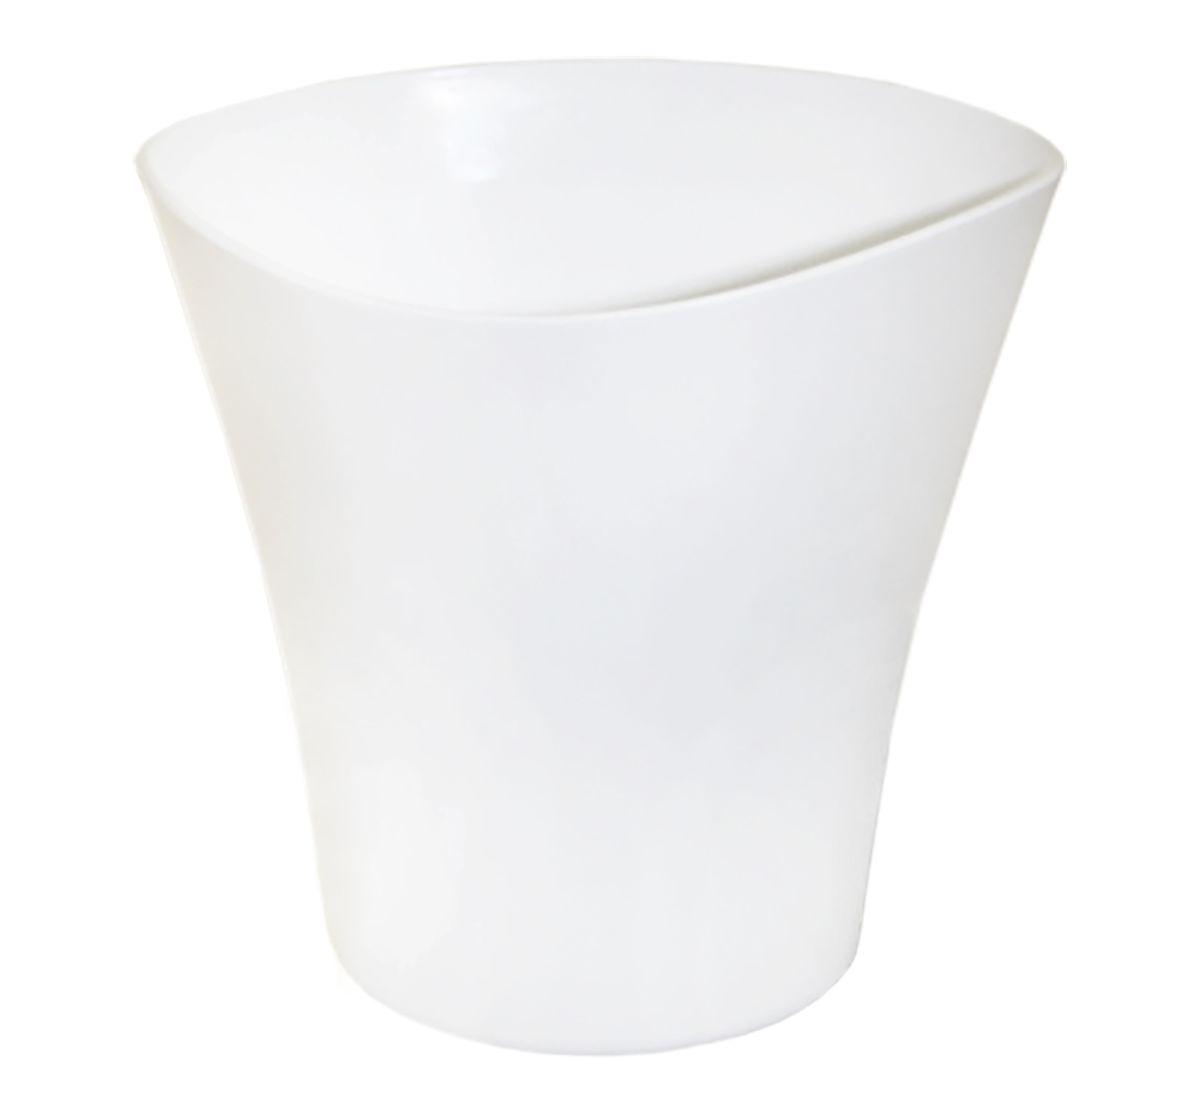 Кашпо JetPlast Волна, цвет: белый, 3 л44164Кашпо Волна имеет уникальную форму, сочетающуюся как с классическим, так и с современным дизайном интерьера. Разнообразие цветов дает возможность подобрать кашпо именно под ваш стиль.